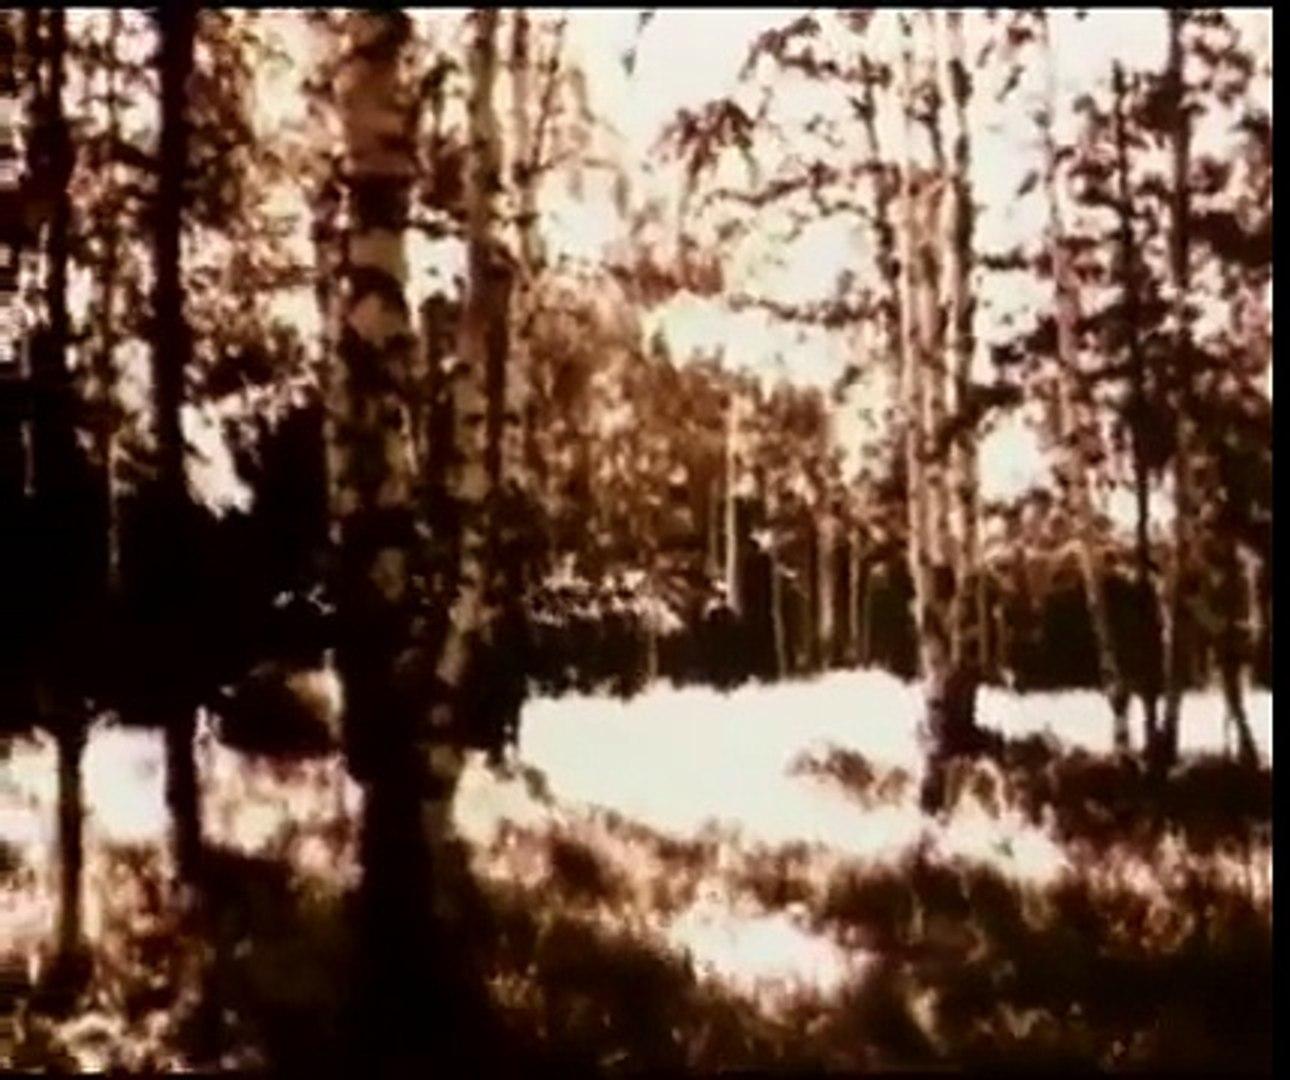 Фильм Тишина 1 серия Тишина сериал 1992 год TISHINA Телесериал по одноименному роману Юрия